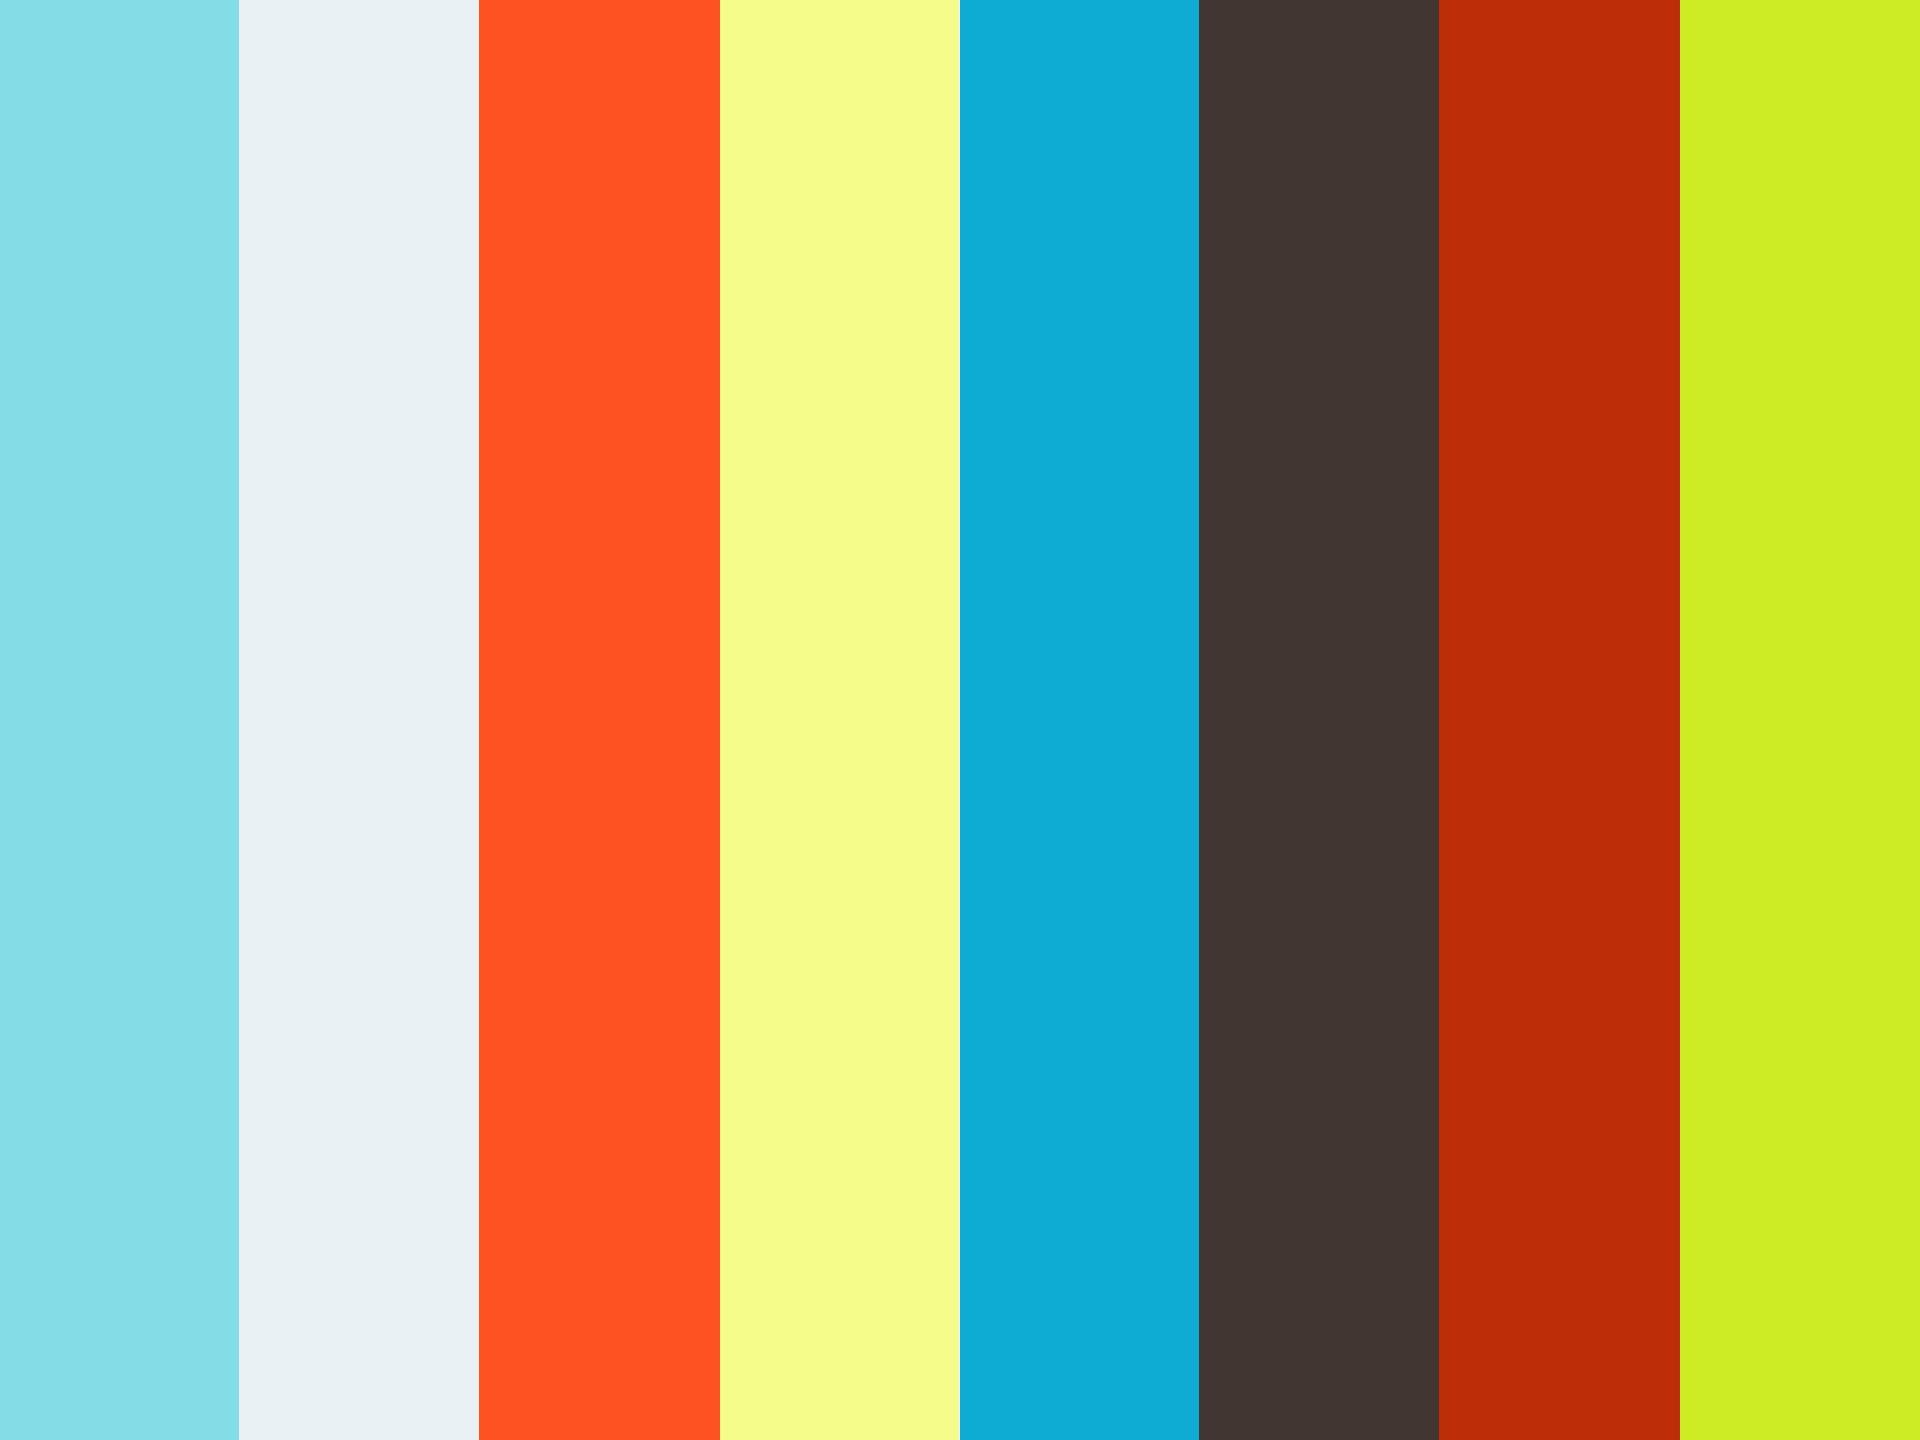 IPS e.max ジルキャド MT マルチ チェアサイドブロック草間幸夫先生によるビデオセミナー #1 いまさら聞けない!?チェアサイドのためのジルコニアの知識と修復物の活用【新製品ジルキャドMTマルチブロックのテストパック送付付き】